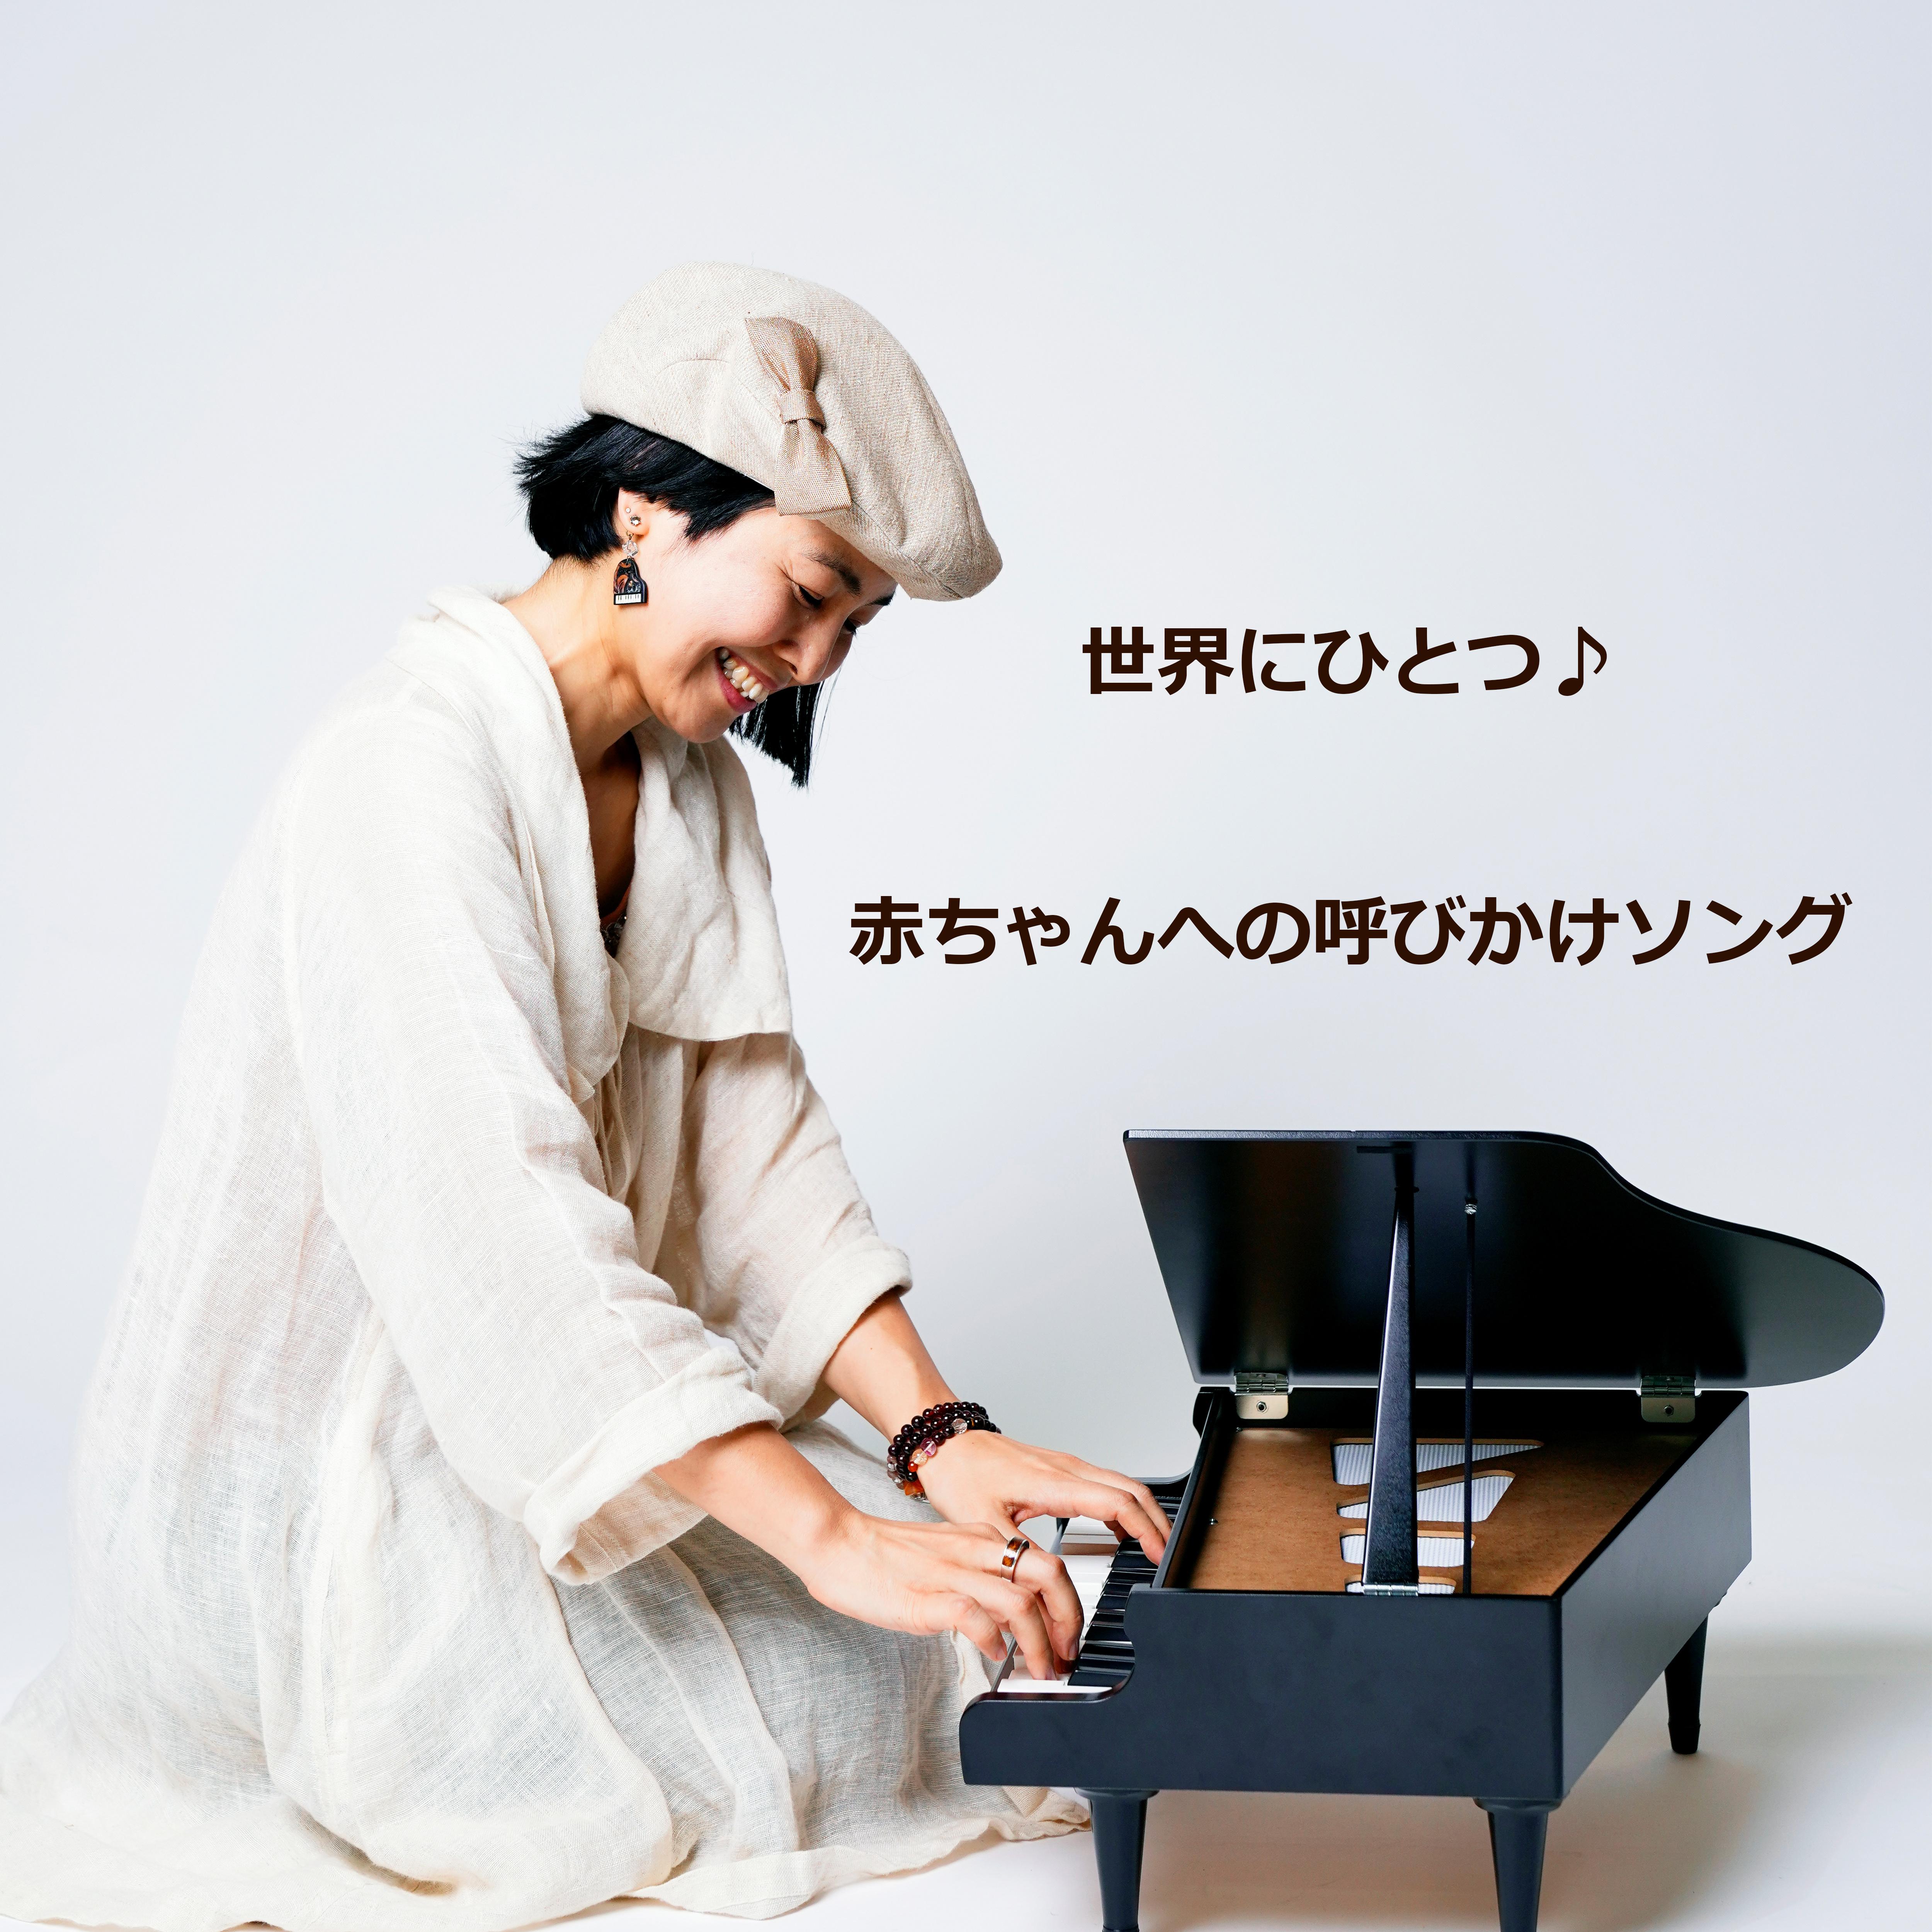 オーダーフォーム~世界にひとつ♪【赤ちゃんへの呼びかけソング】